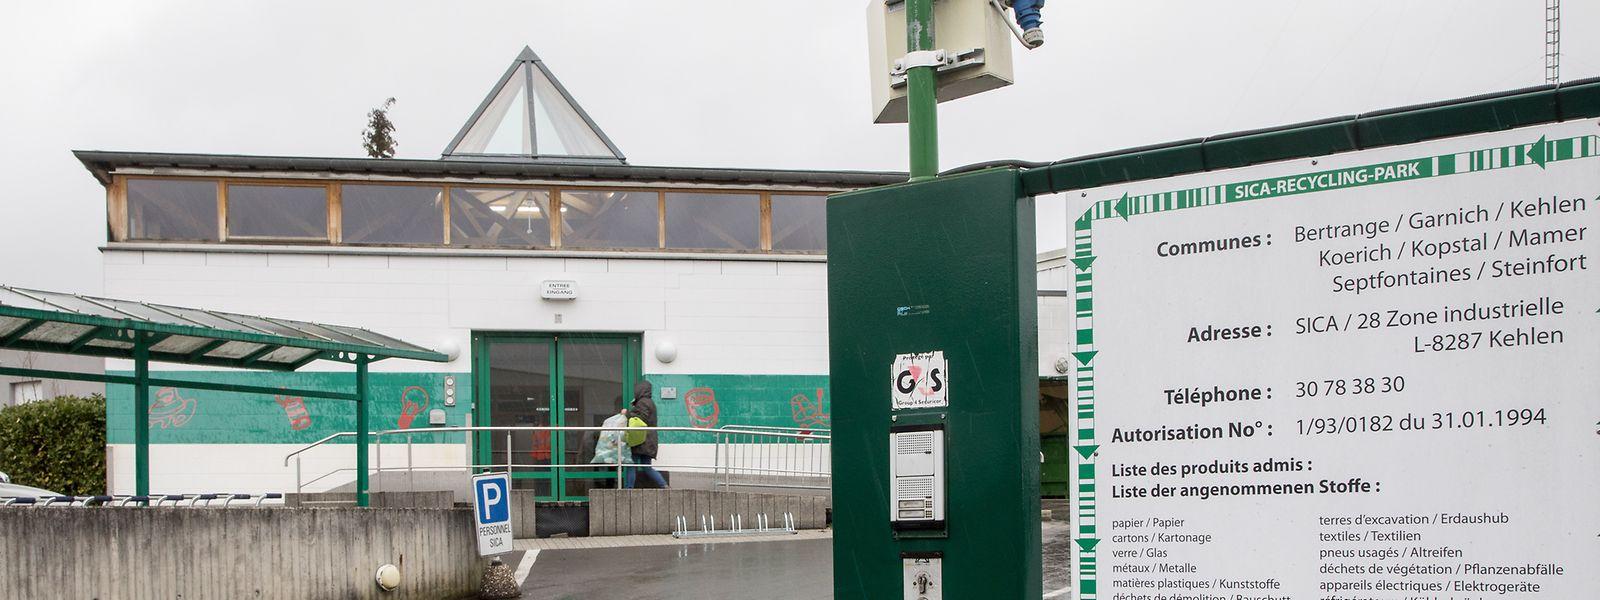 Das Recyclingcenter in Kehlen.